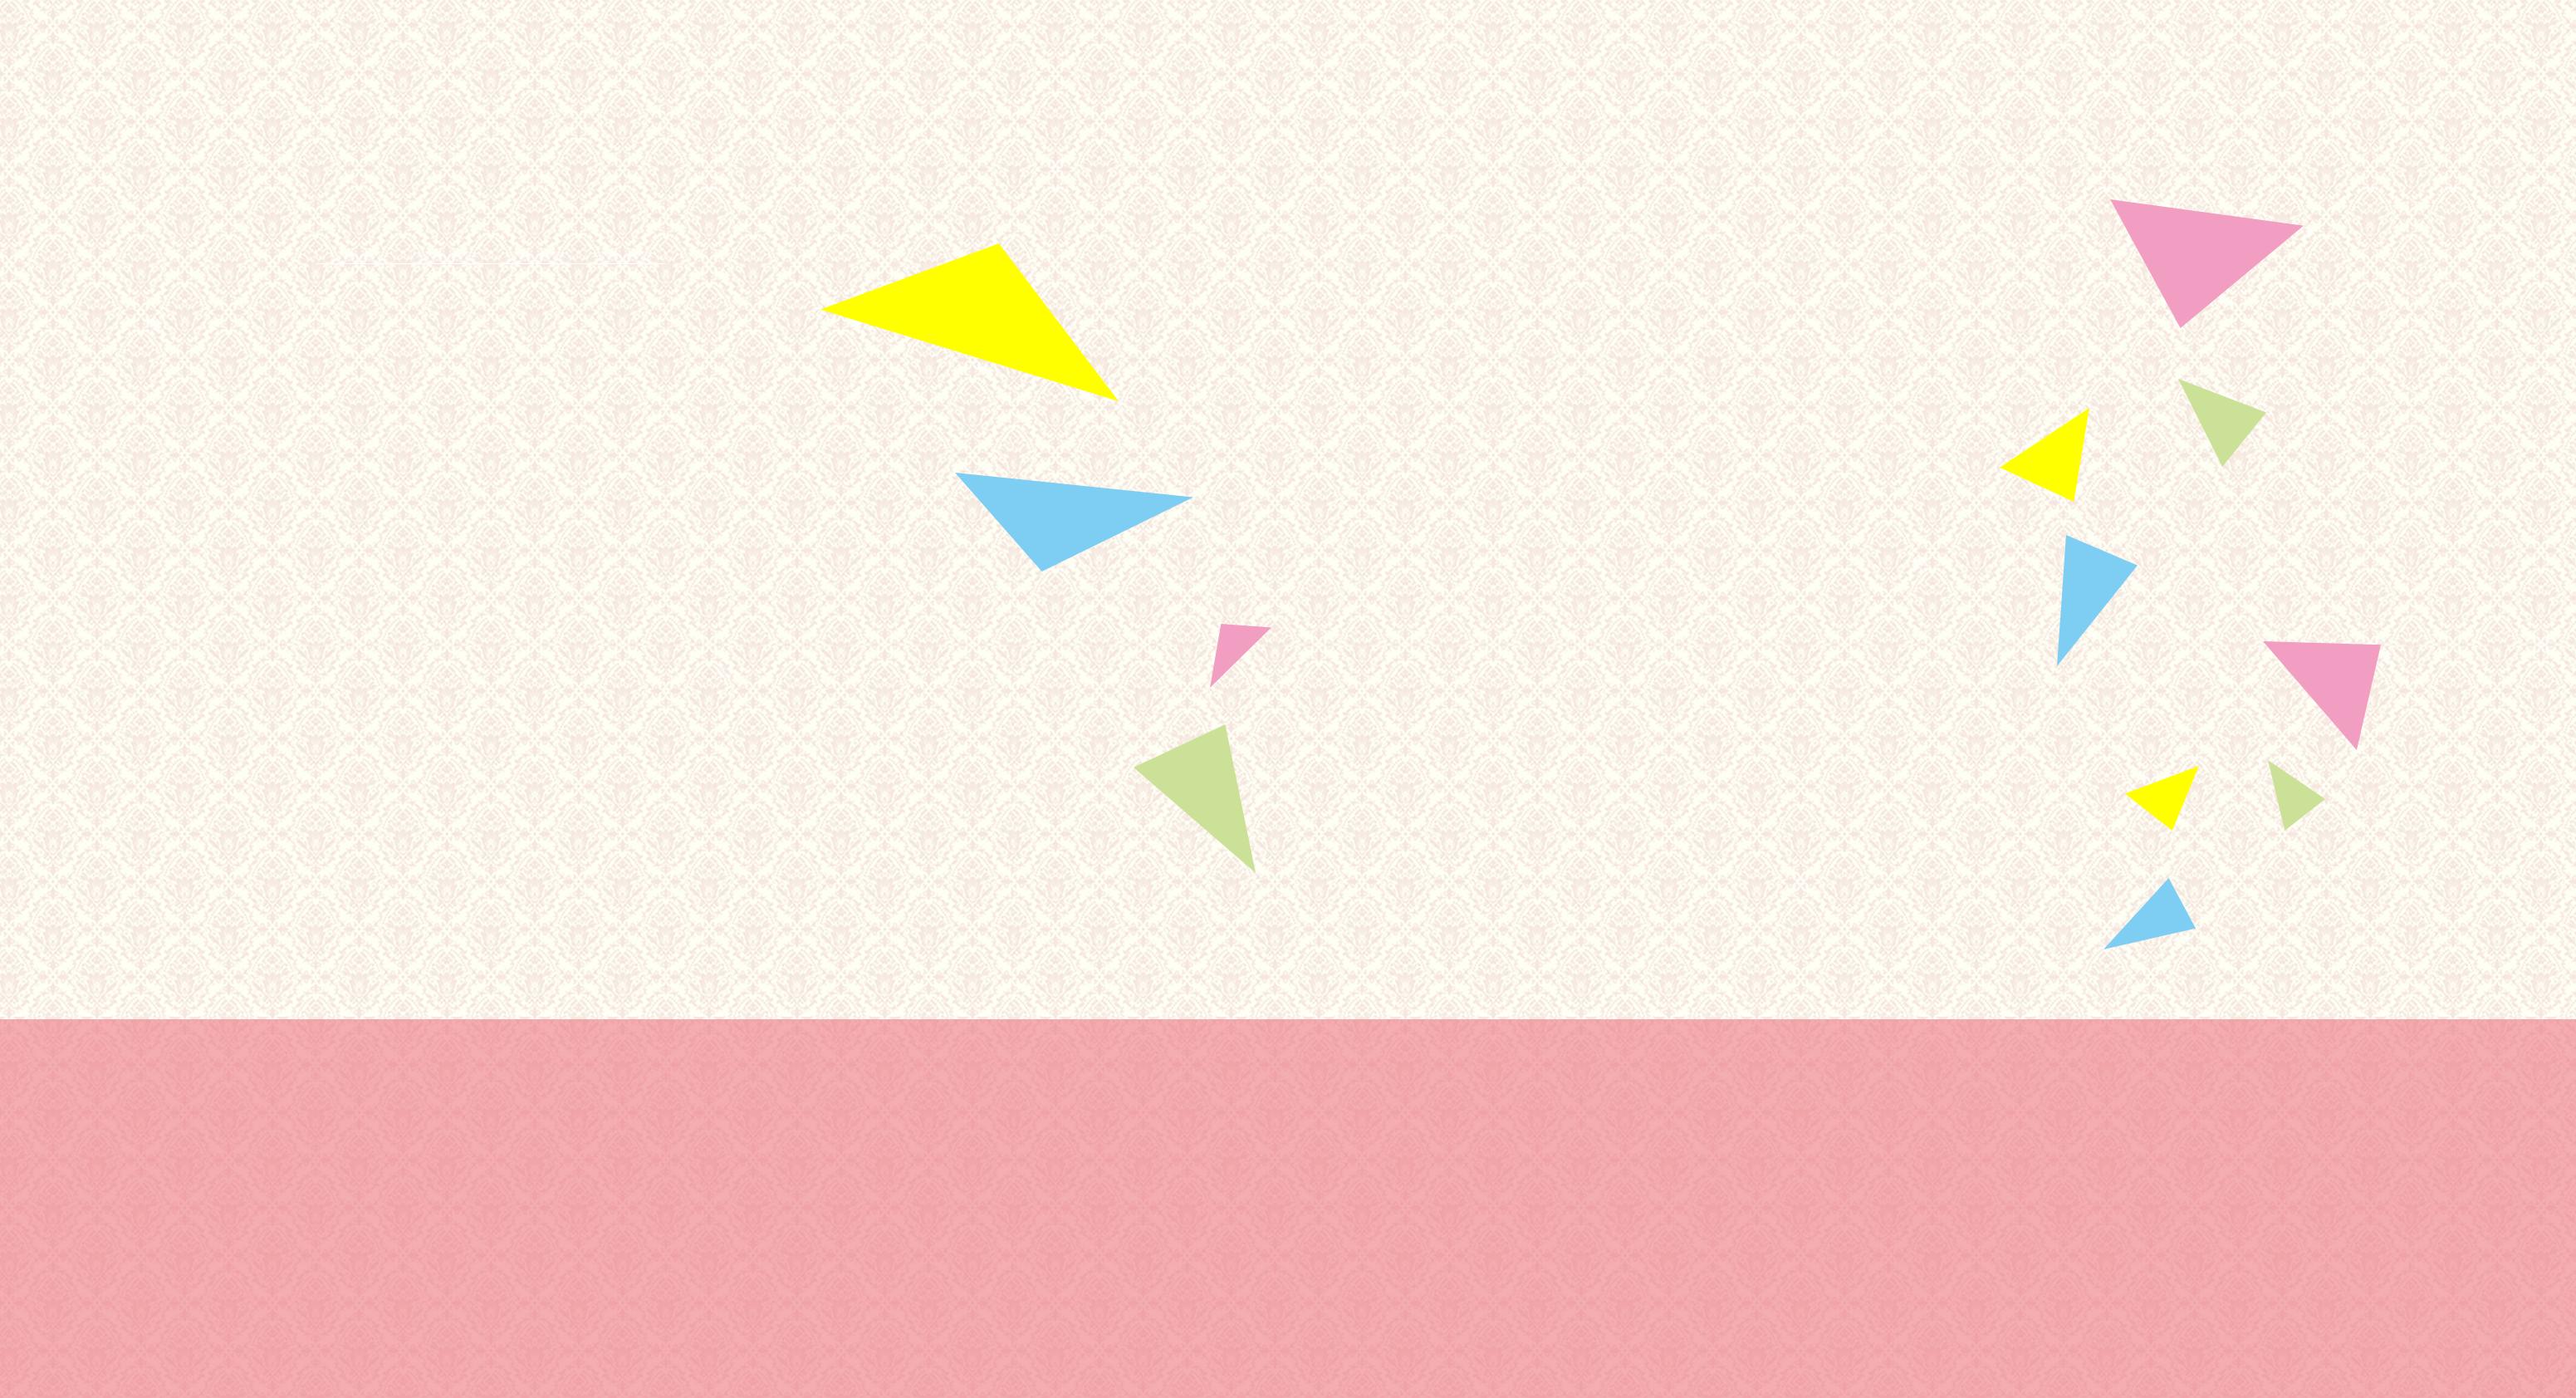 slide_01 _bkg